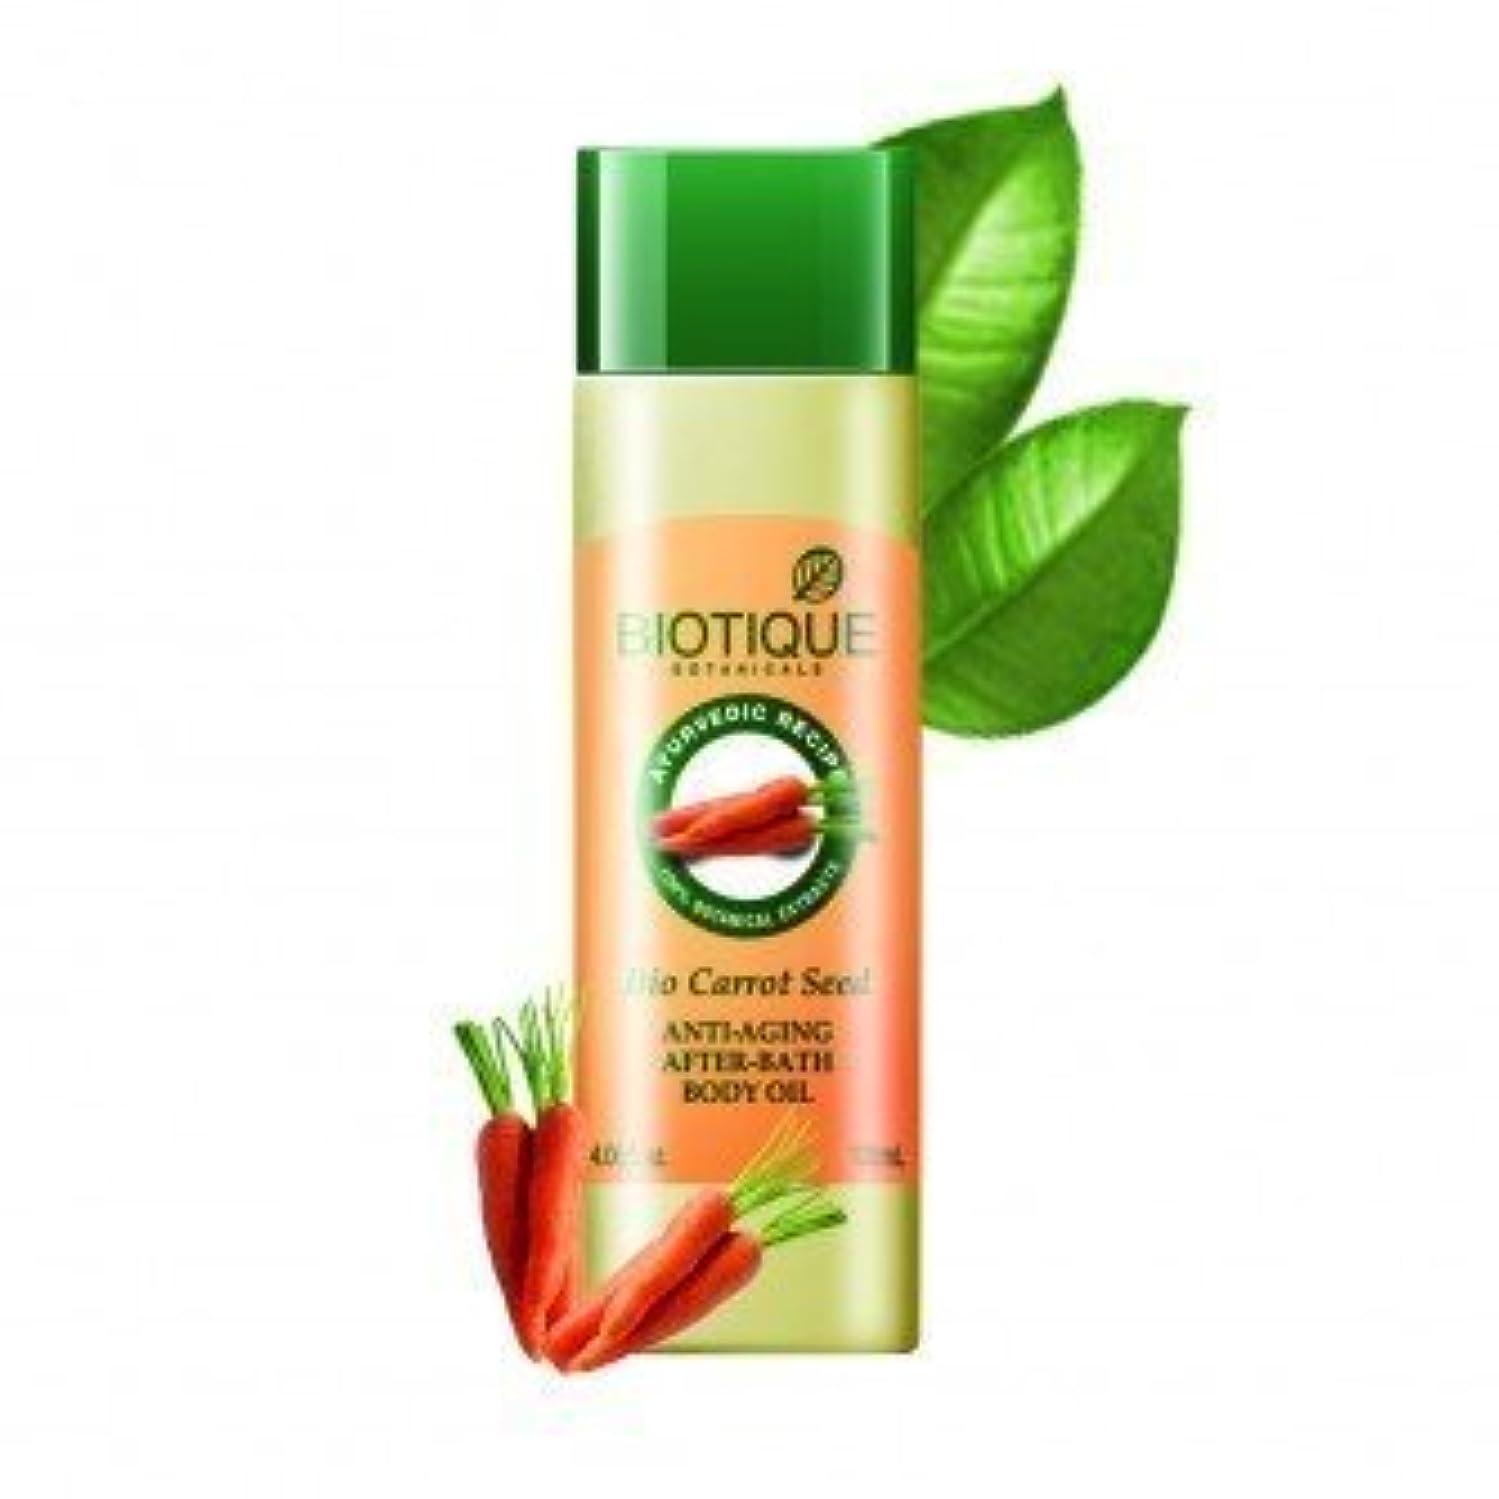 予測アフリカバインドBiotique Bio Carrot Seed Anti-Aging After-Bath Body Oil 120 Ml (Ship From India)